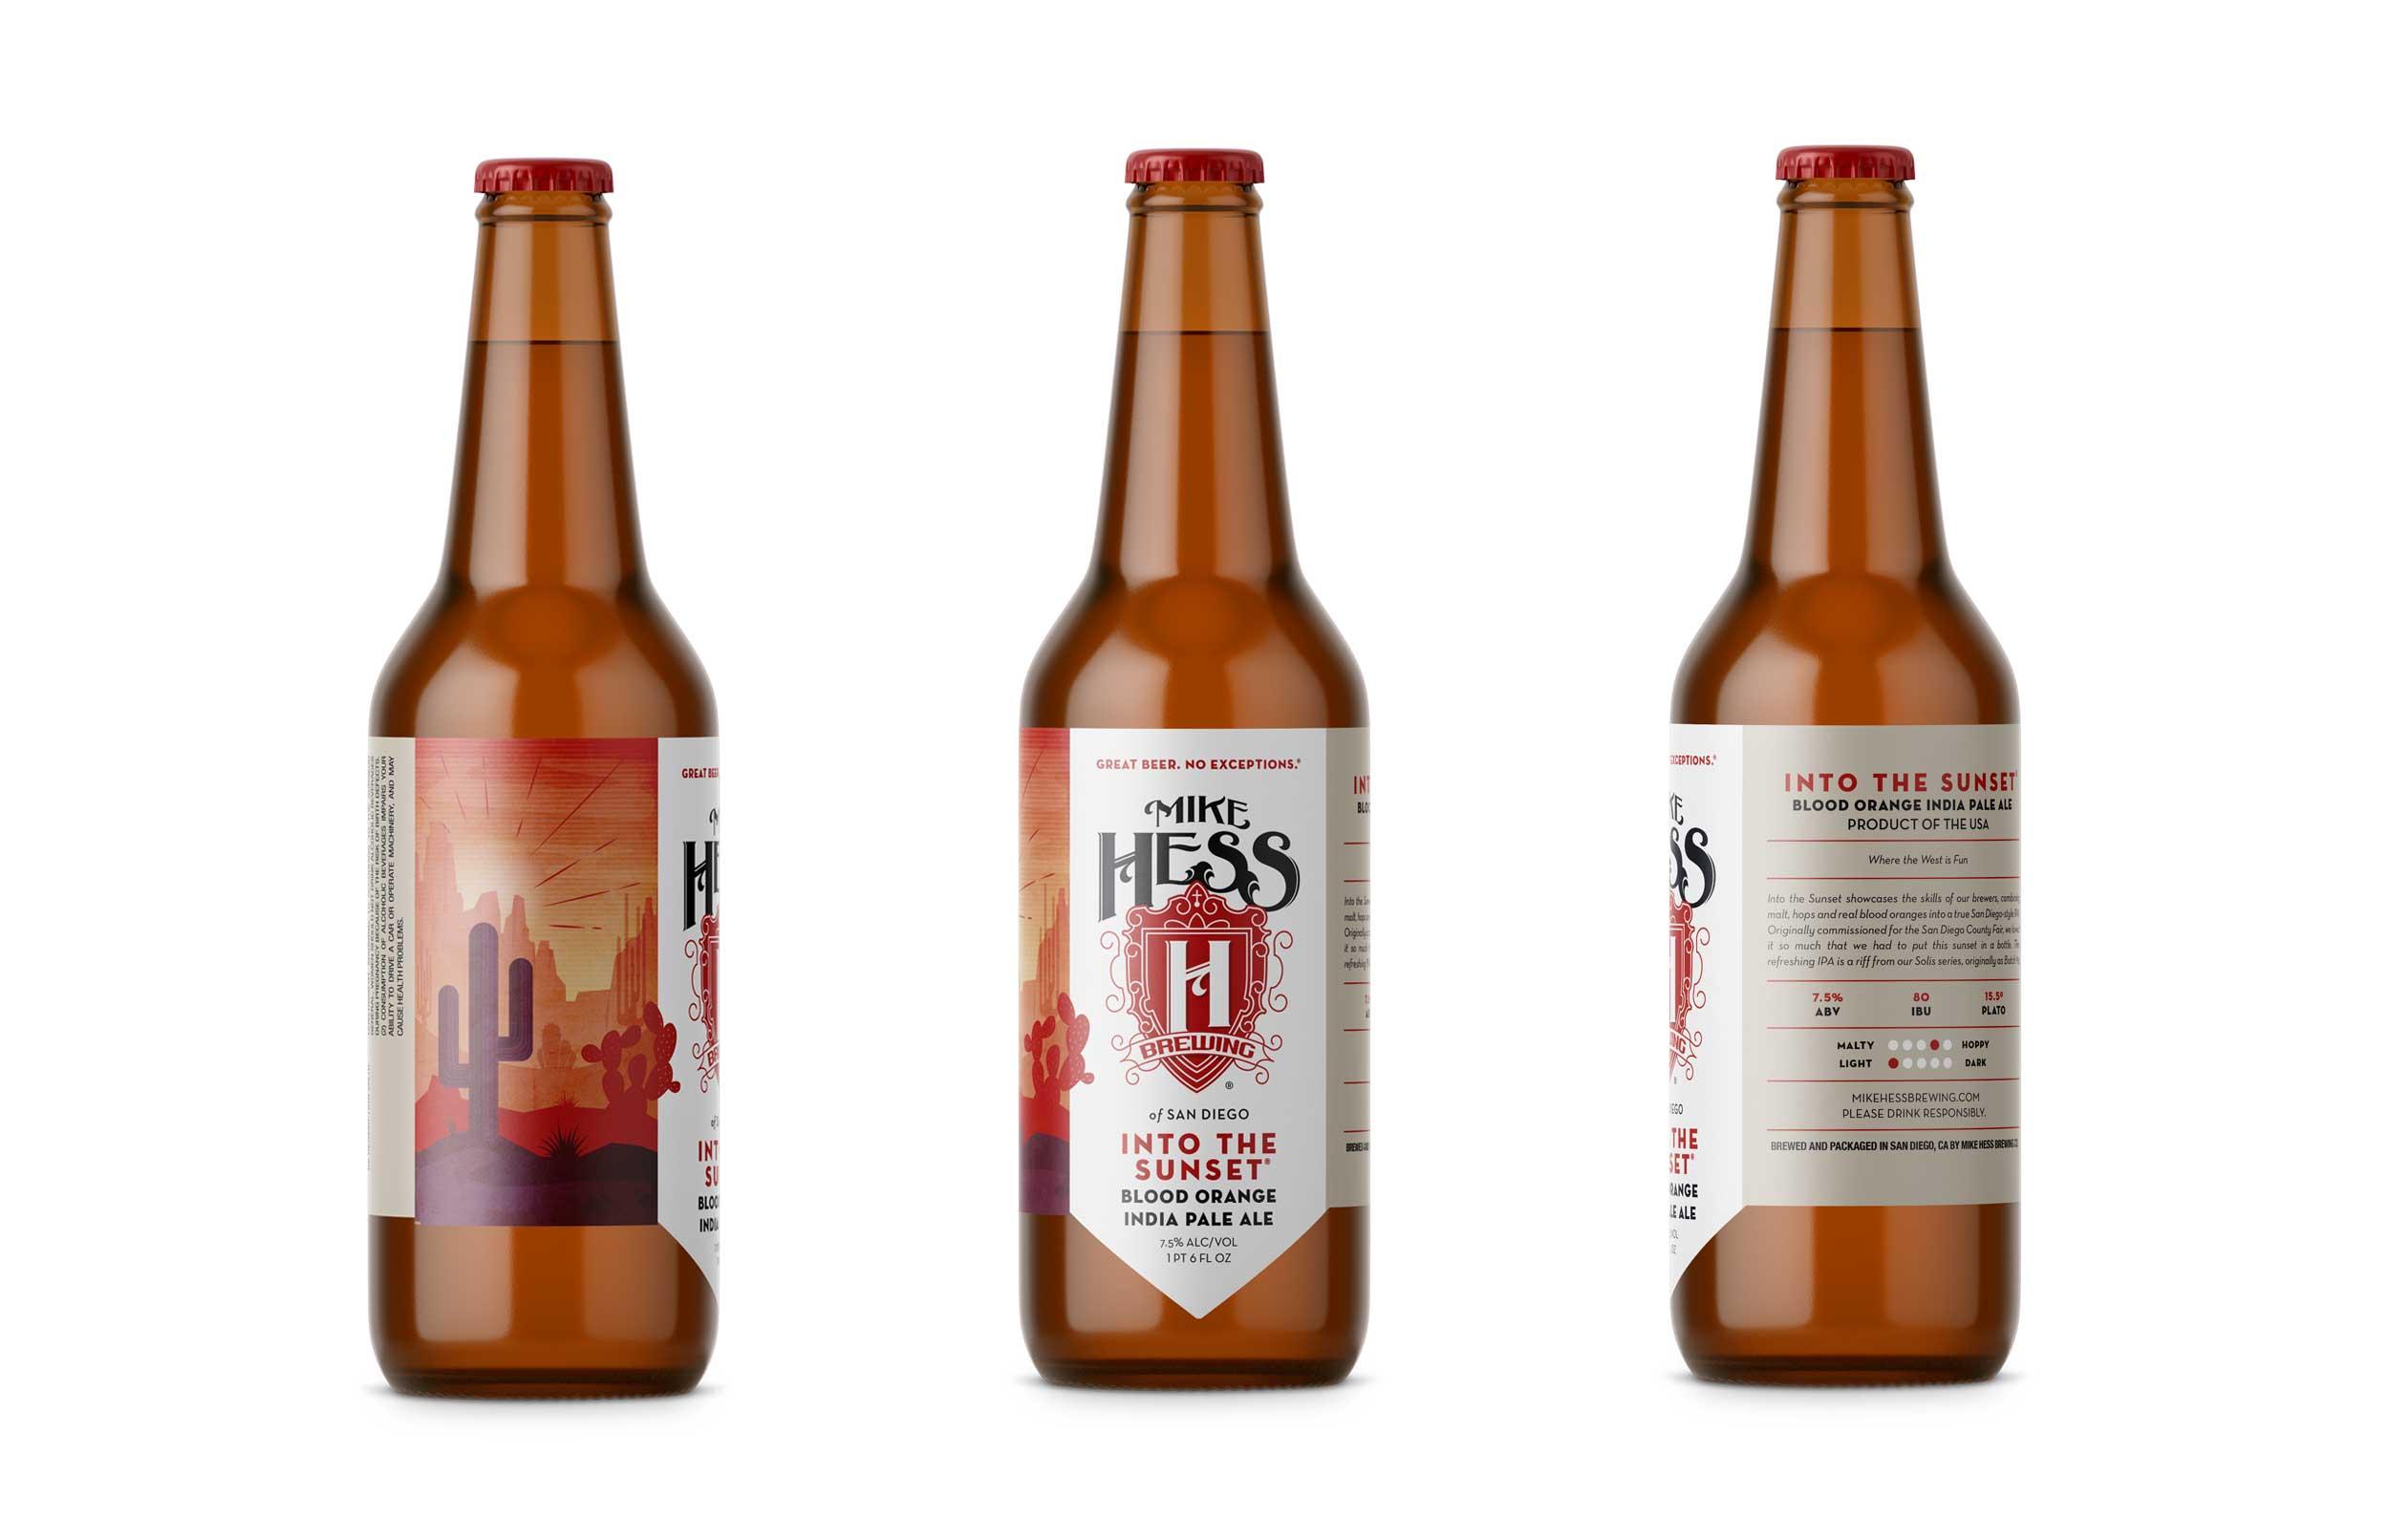 Mike Hess Beer Bottles